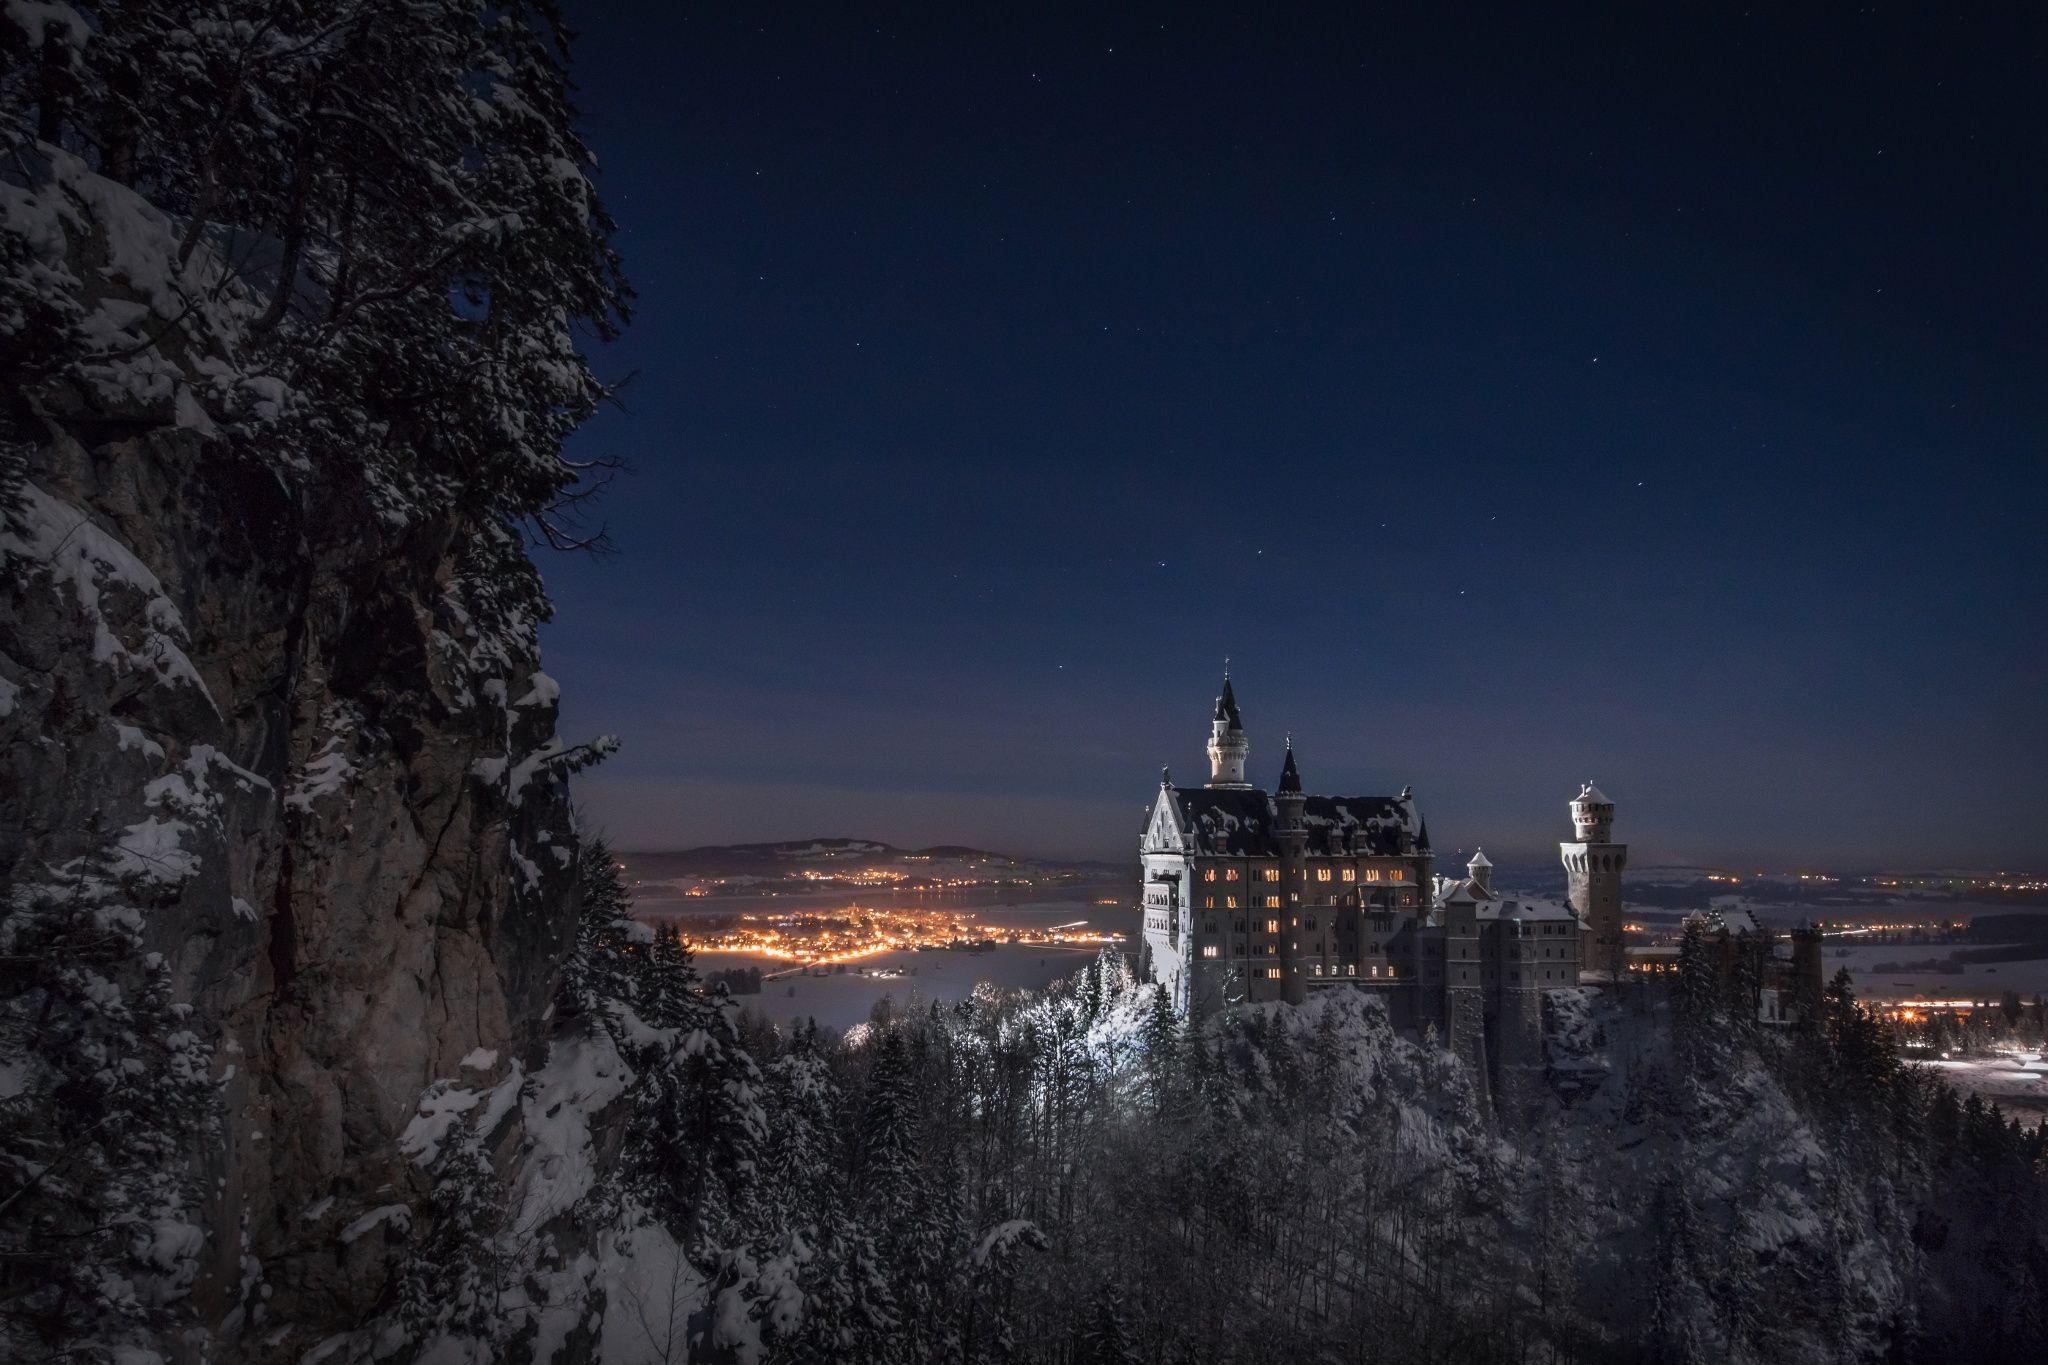 Neuschwanstein Fairy Tale Castle In A Winter Night Neunschwanstein Castle Near Fussen Germany Schloss Neuschwanstein Neuschwanstein Urlaub